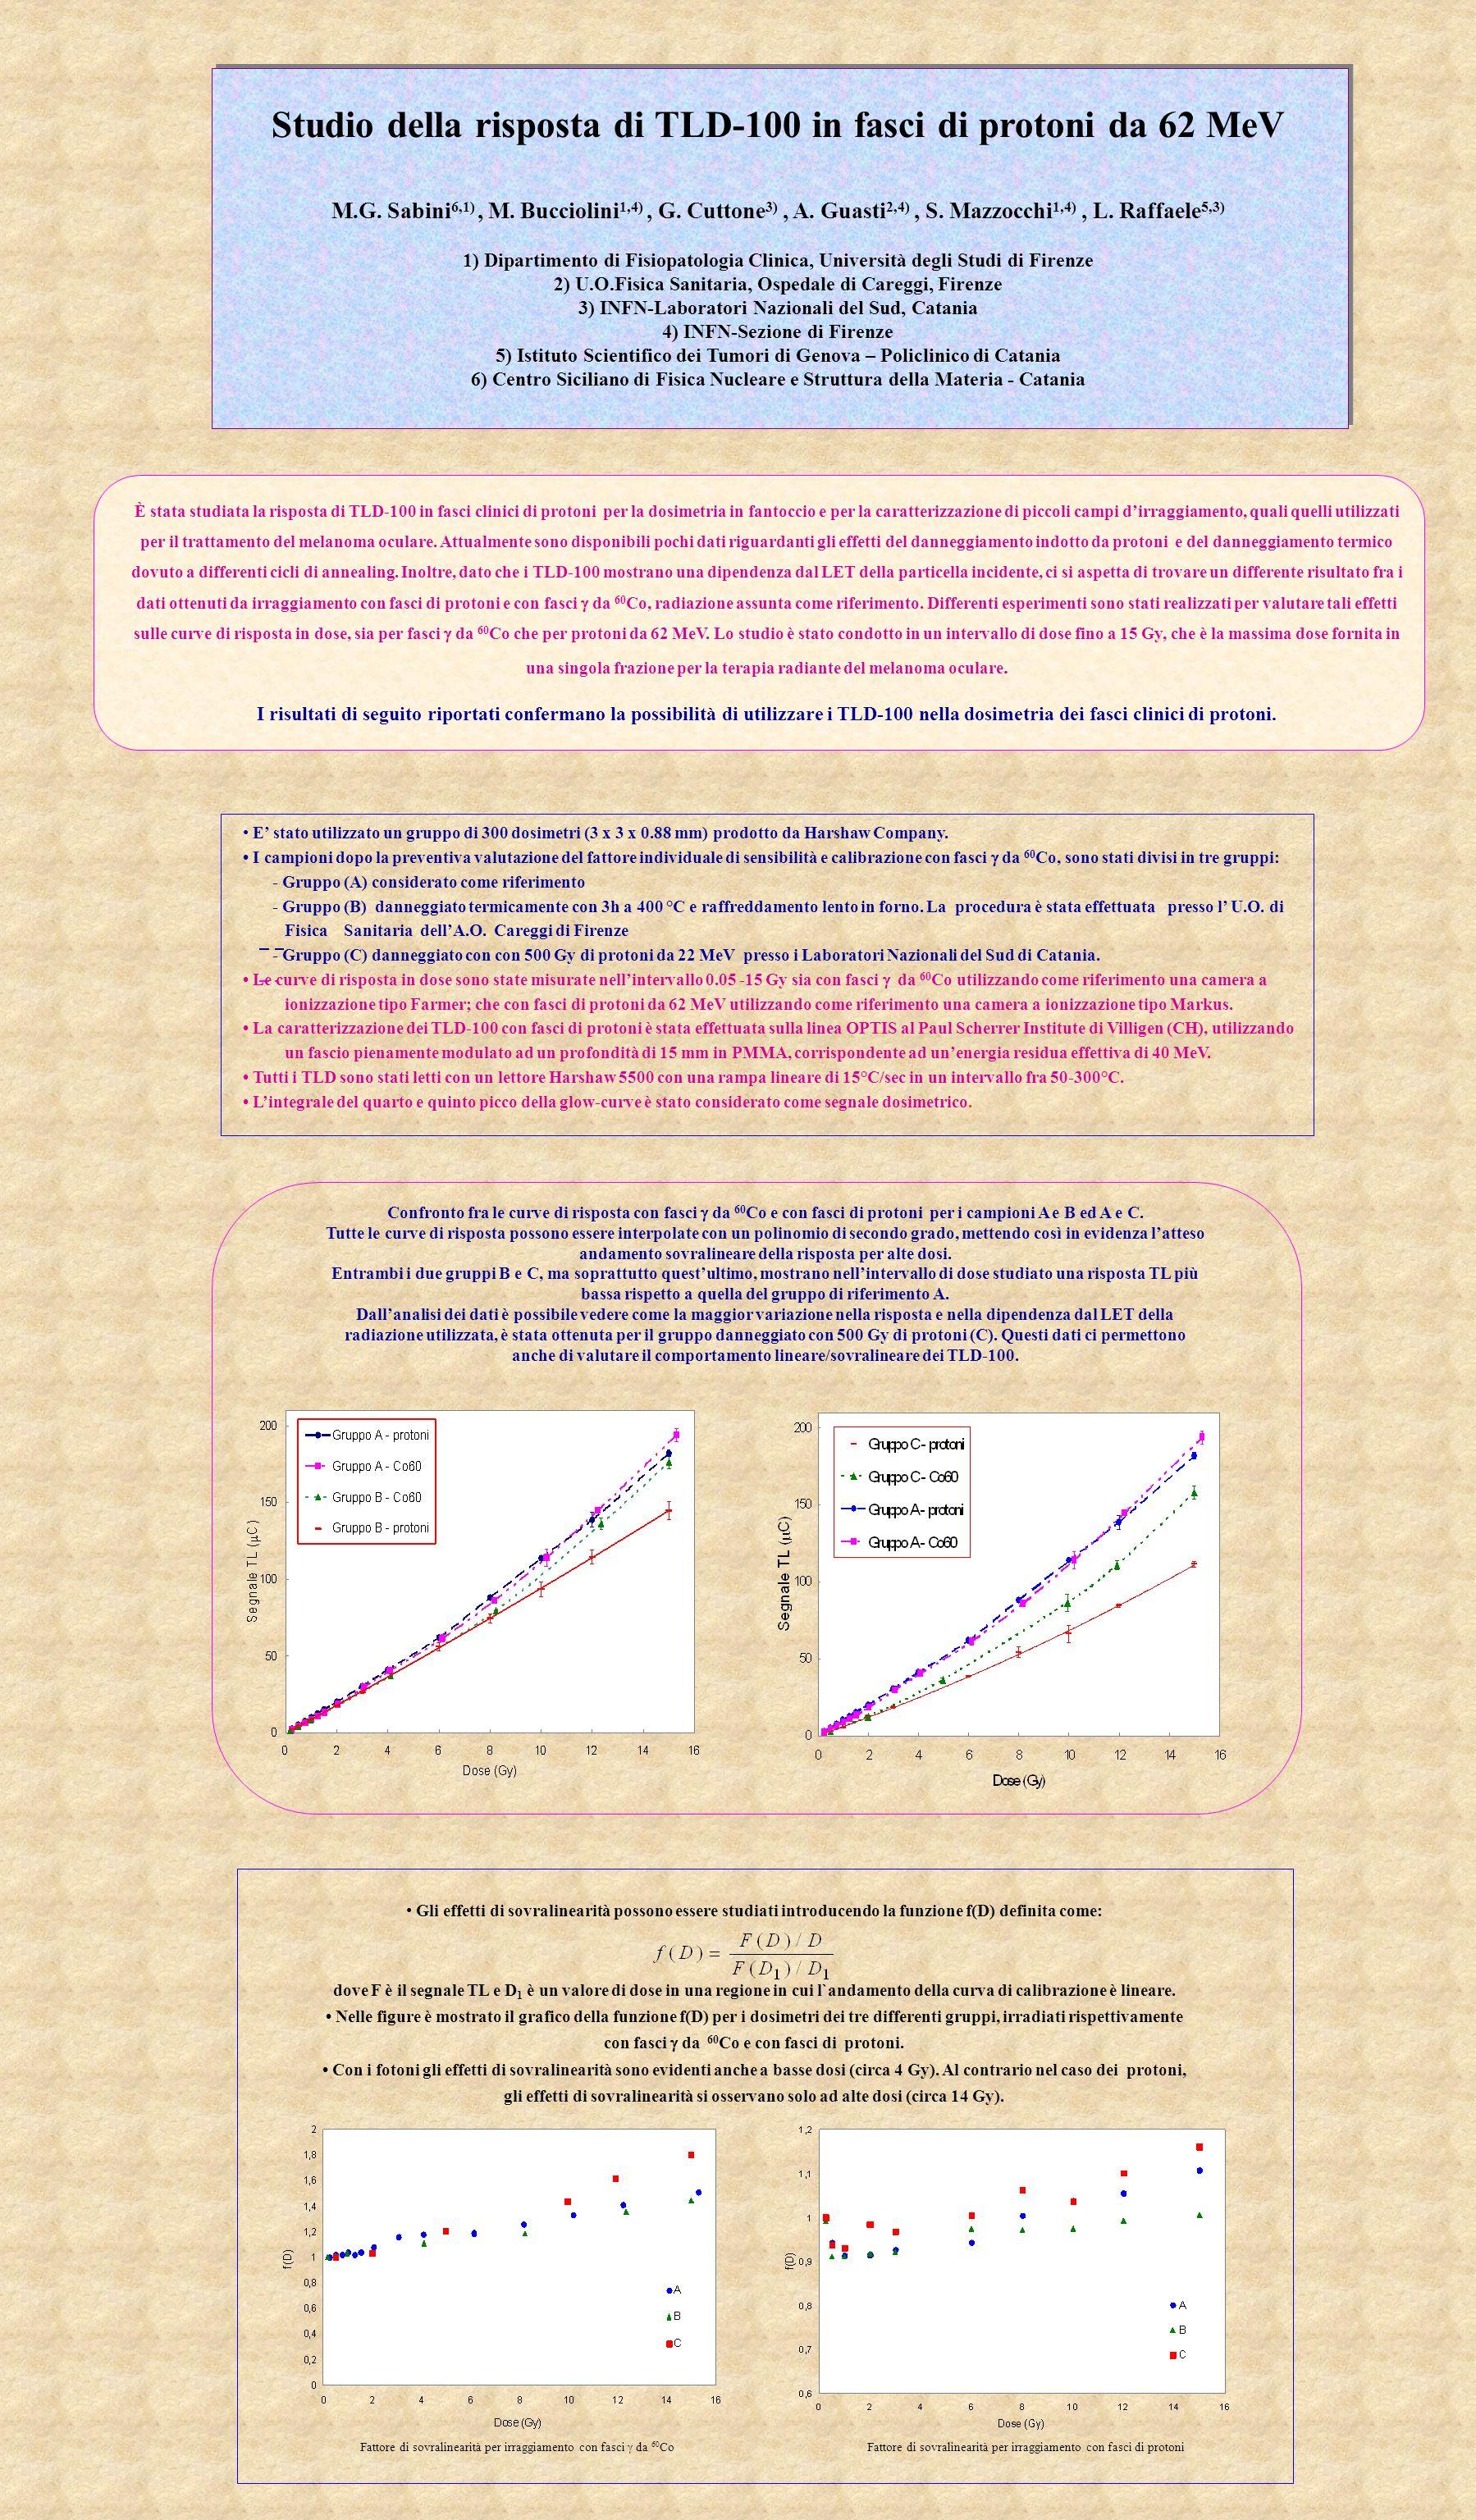 Studio della risposta di TLD-100 in fasci di protoni da 62 MeV M.G. Sabini 6,1), M. Bucciolini 1,4), G. Cuttone 3), A. Guasti 2,4), S. Mazzocchi 1,4),